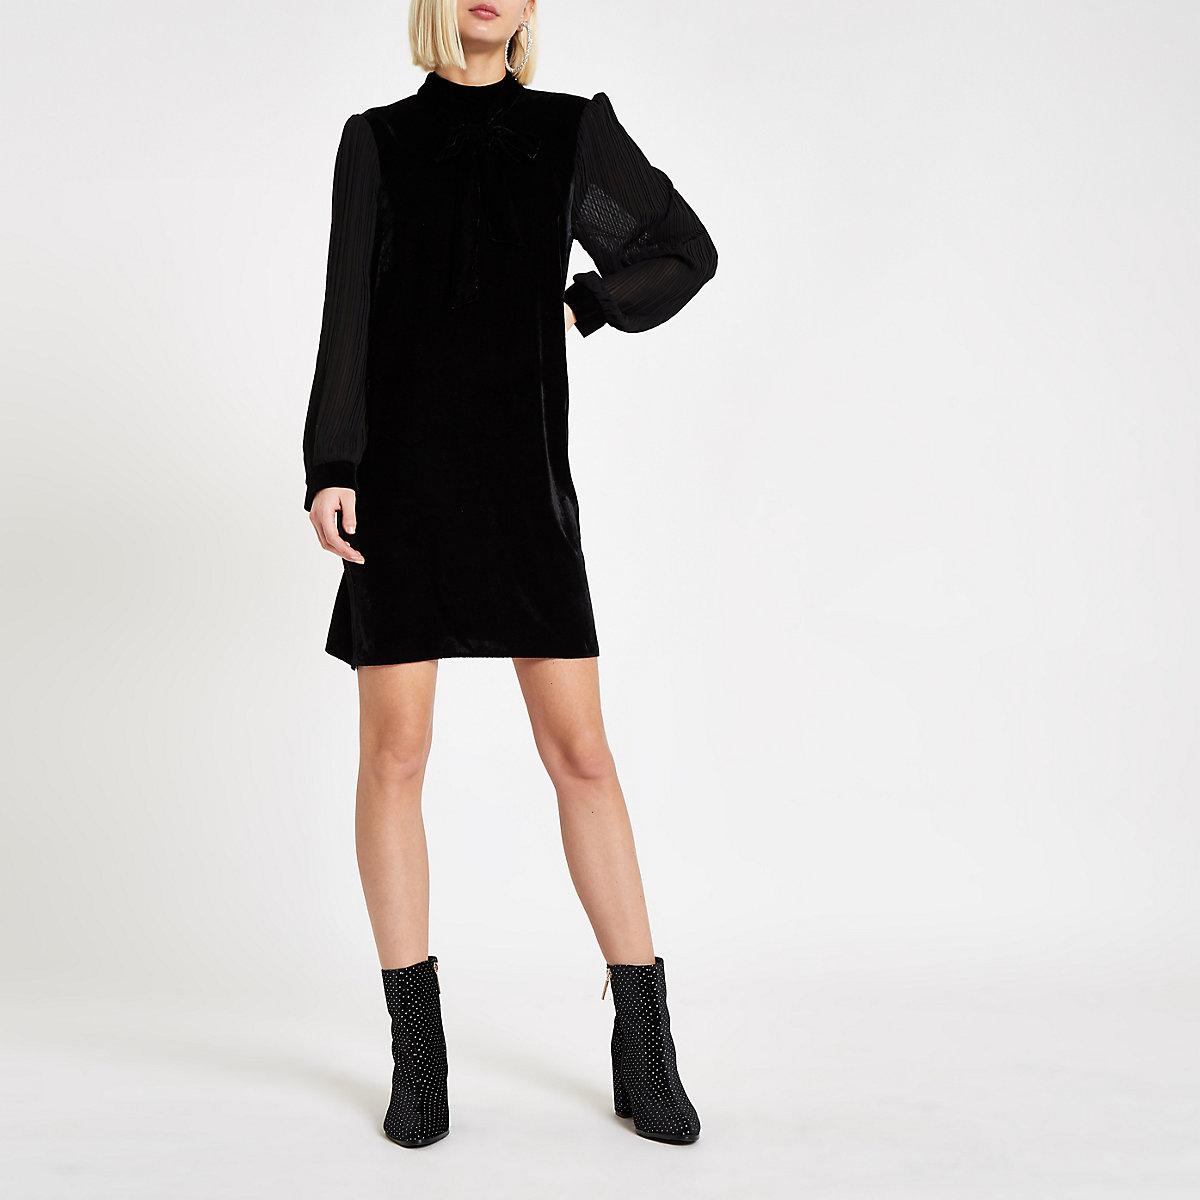 Black velvet bow swing dress